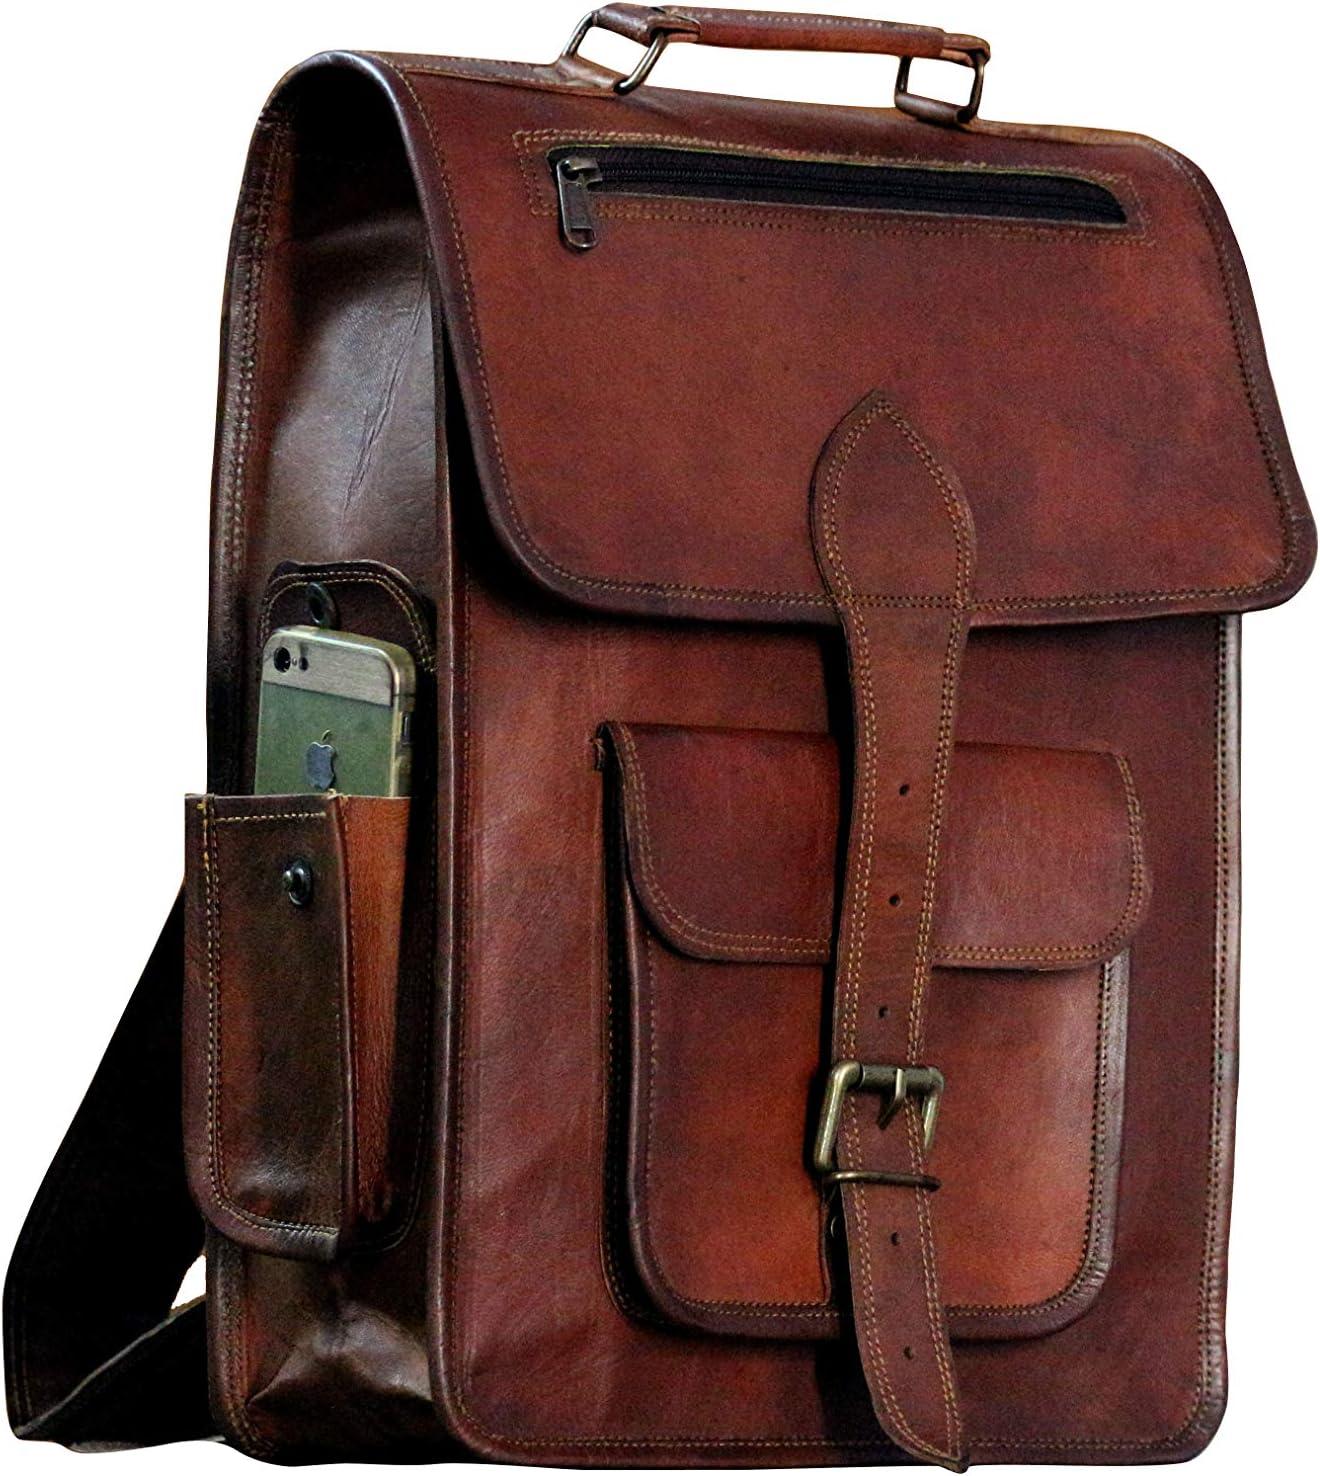 """16"""" Vintage leather Backpack Laptop Messenger Bag Lightweight School College Rucksack Sling for Men Women"""